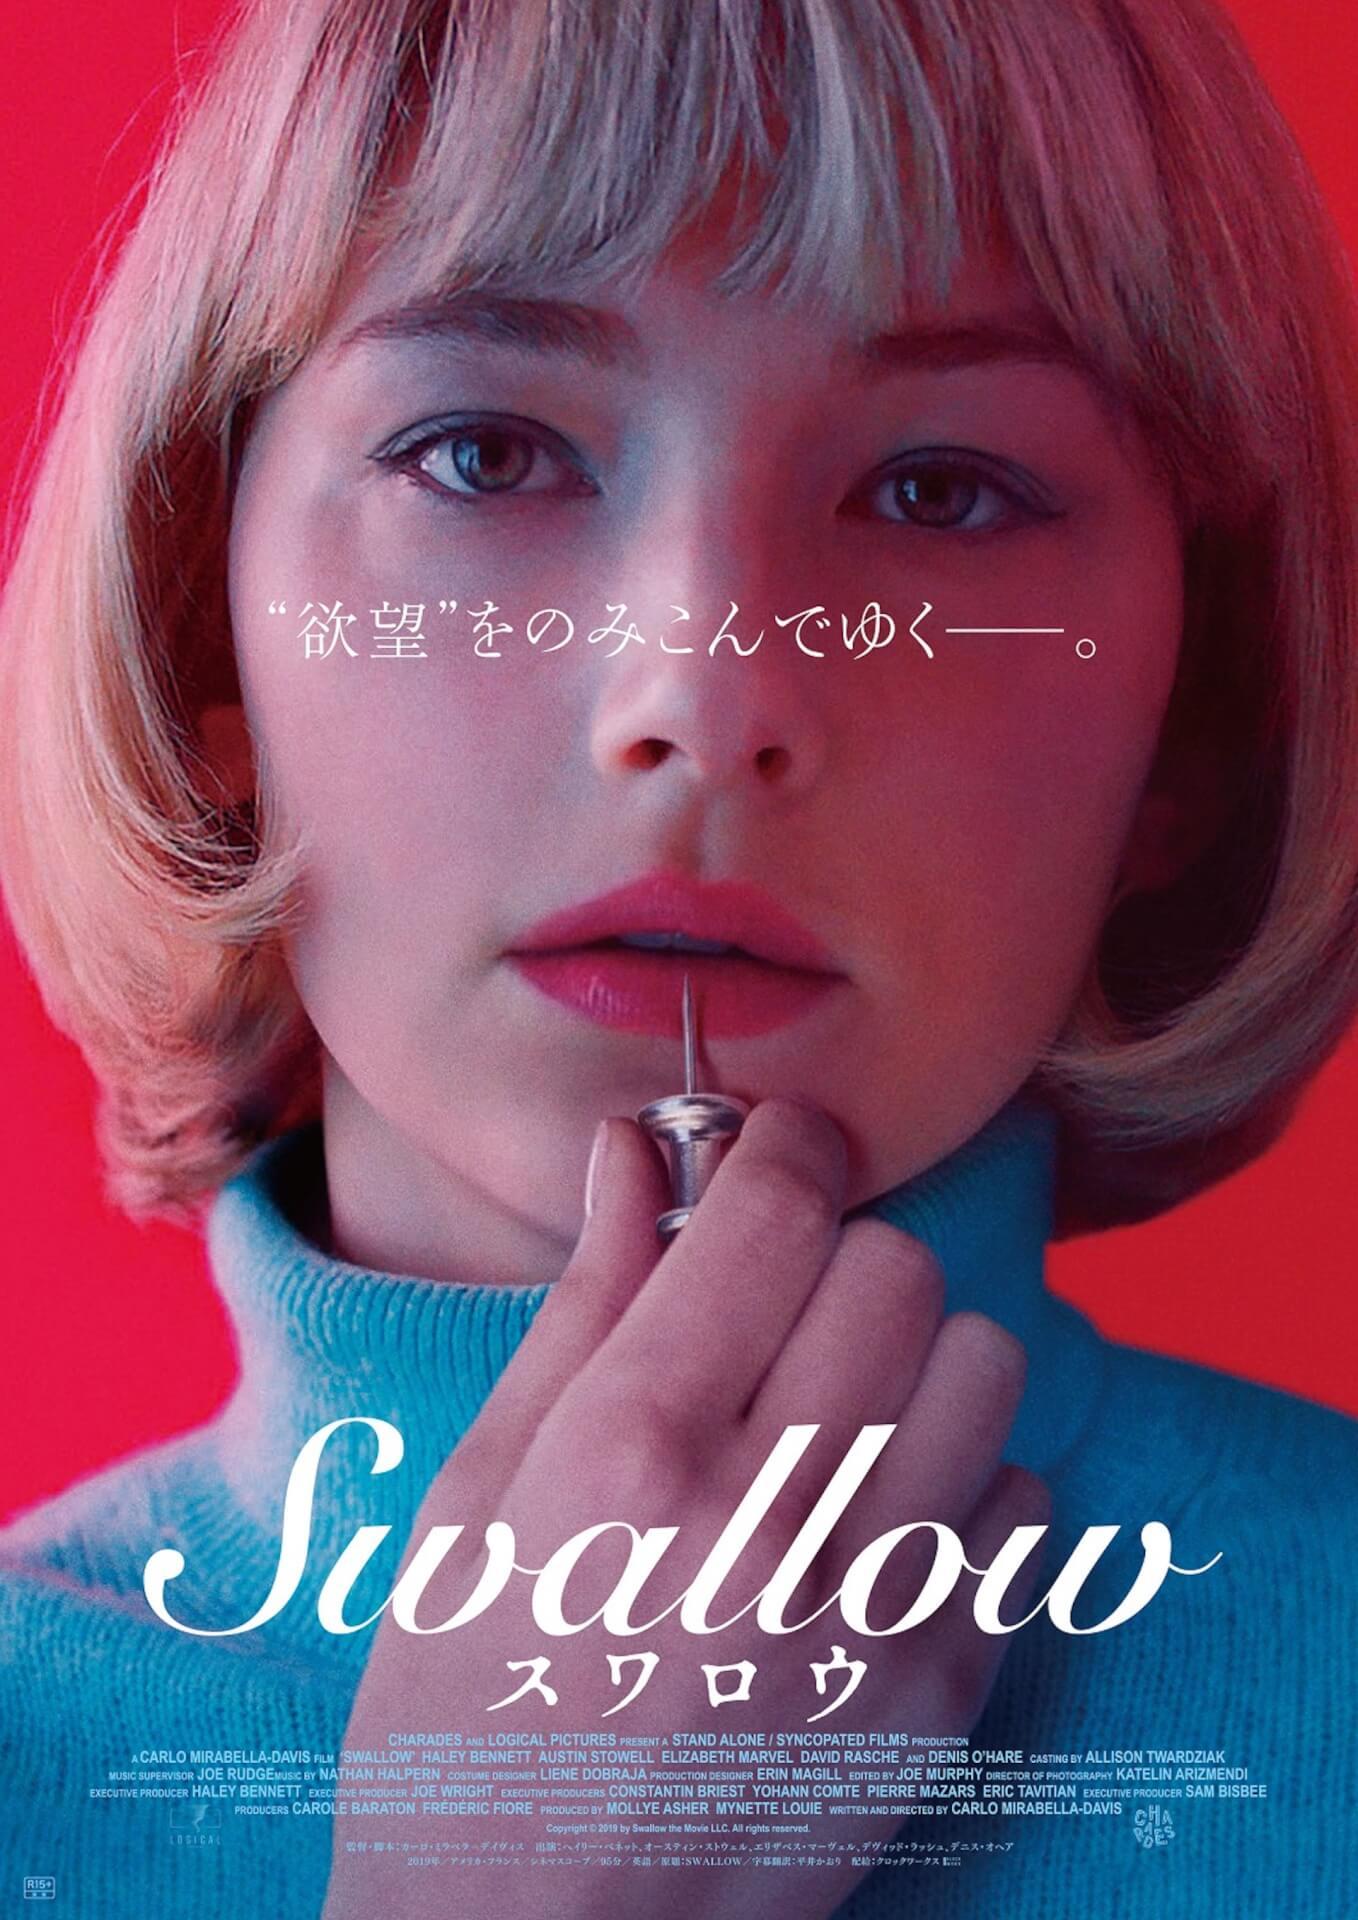 美しくも恐ろしく衝撃的なスリラー!ヘイリー・ベネット主演映画『Swallow/スワロウ』が公開決定&日本版アートワークも解禁 film201113_swallow_3